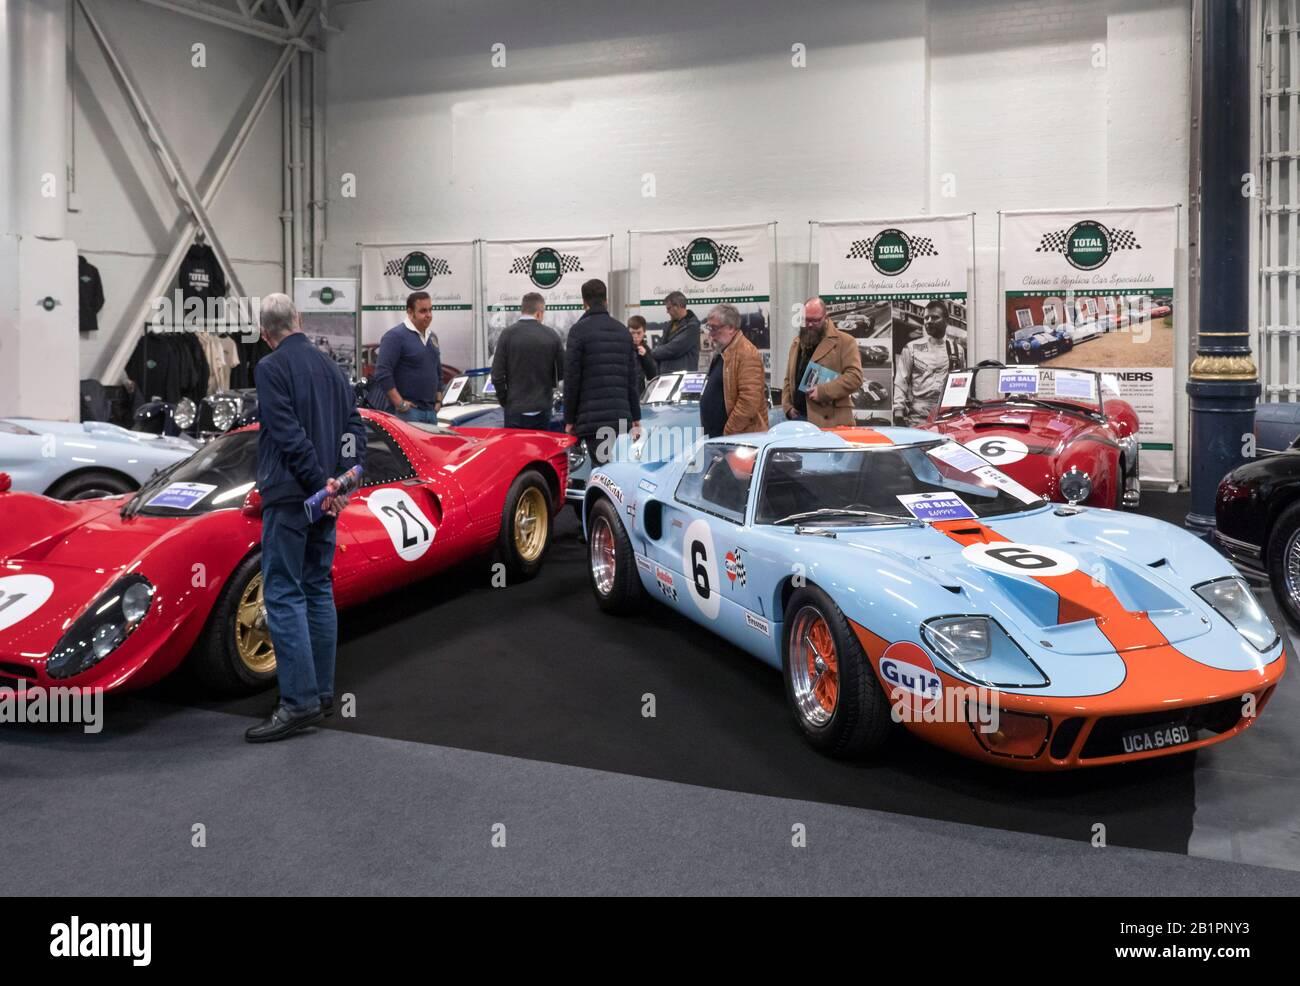 Réplique Ford GT 40 et Ferrari en vente au London Classic car Show Olympia Banque D'Images